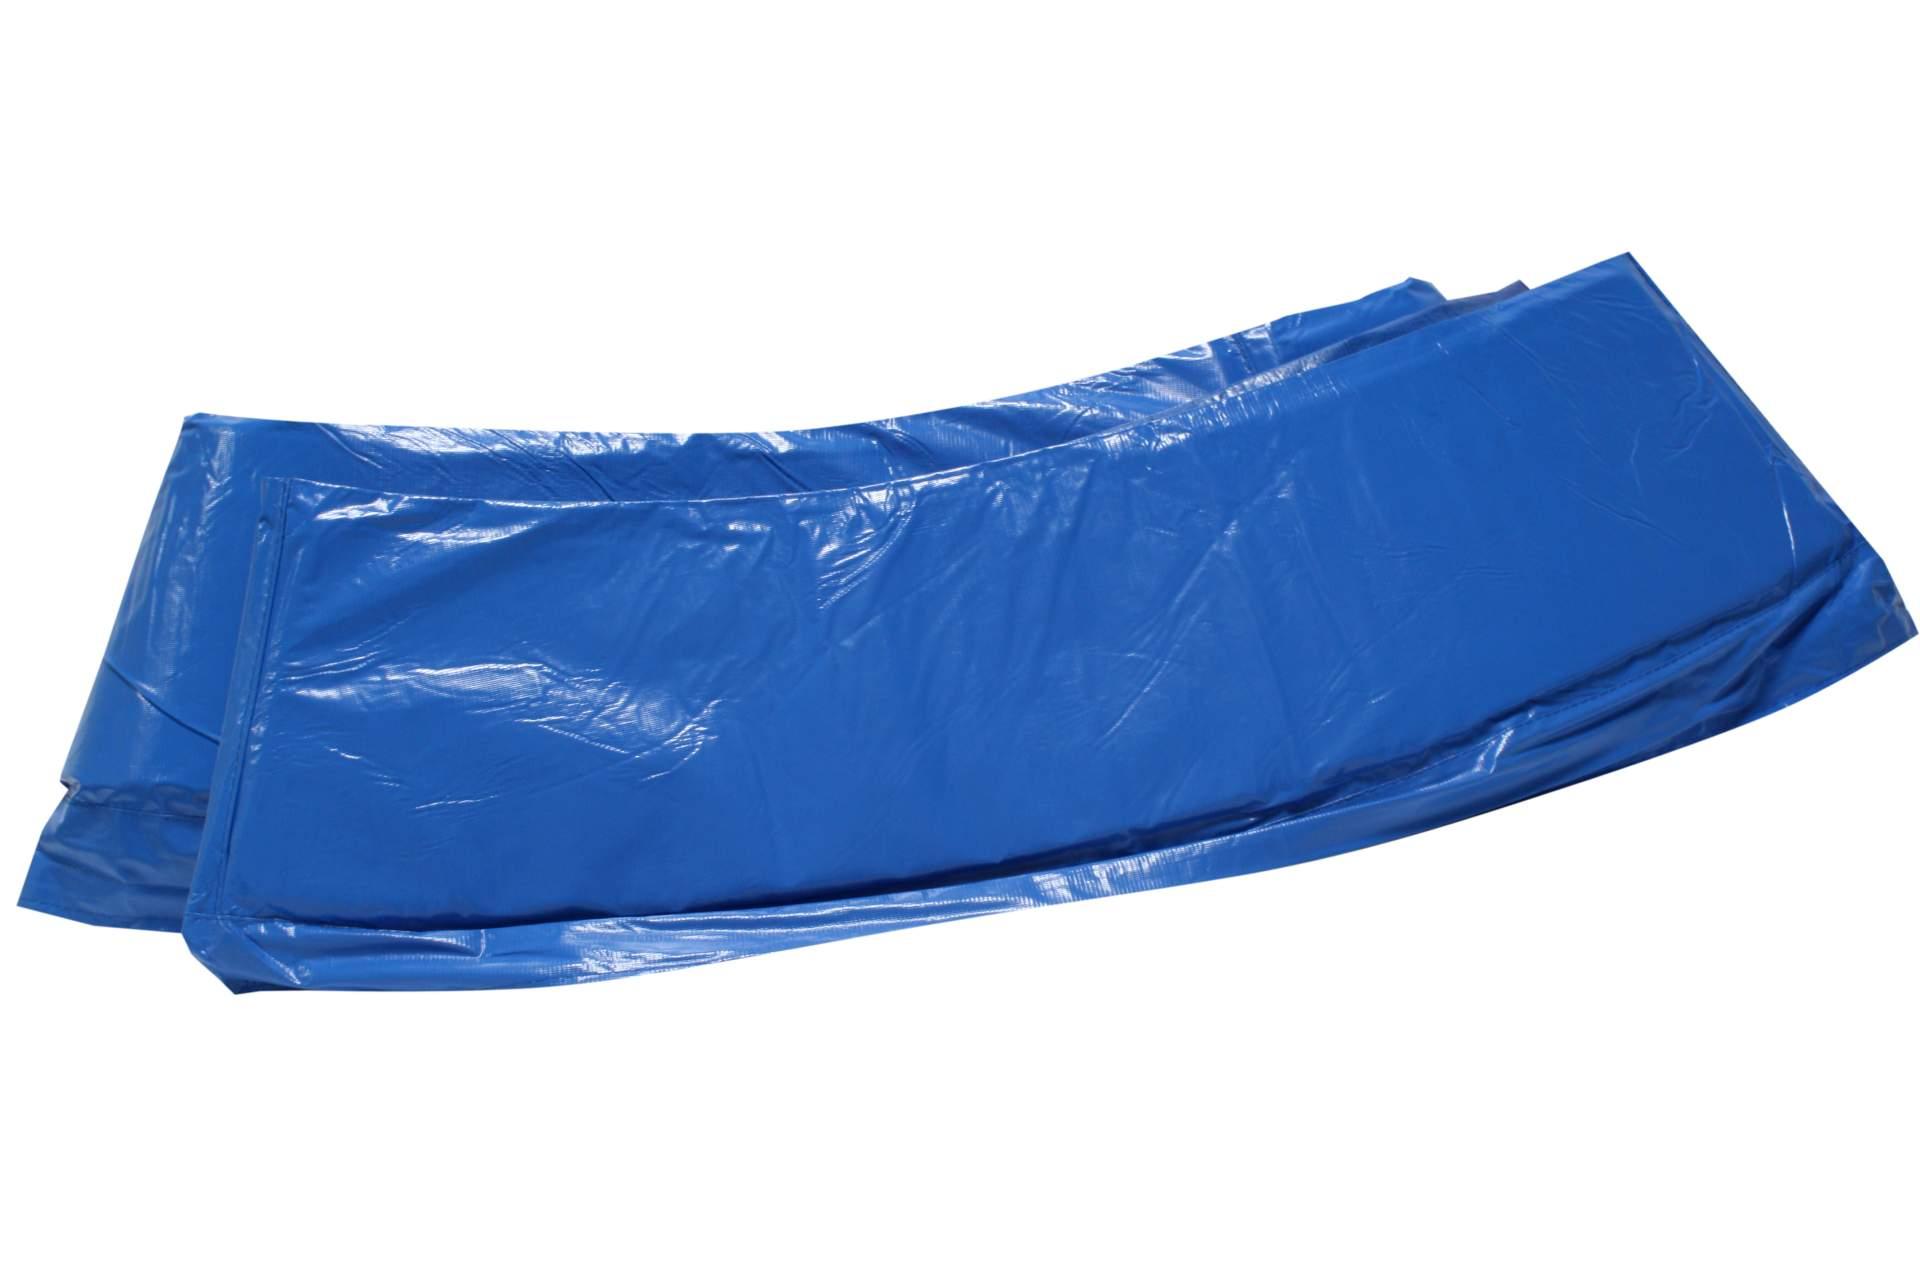 trampolin randabdeckung 250 cm feder abdeckung blau 8 ft pvc sport sport und freizeit. Black Bedroom Furniture Sets. Home Design Ideas